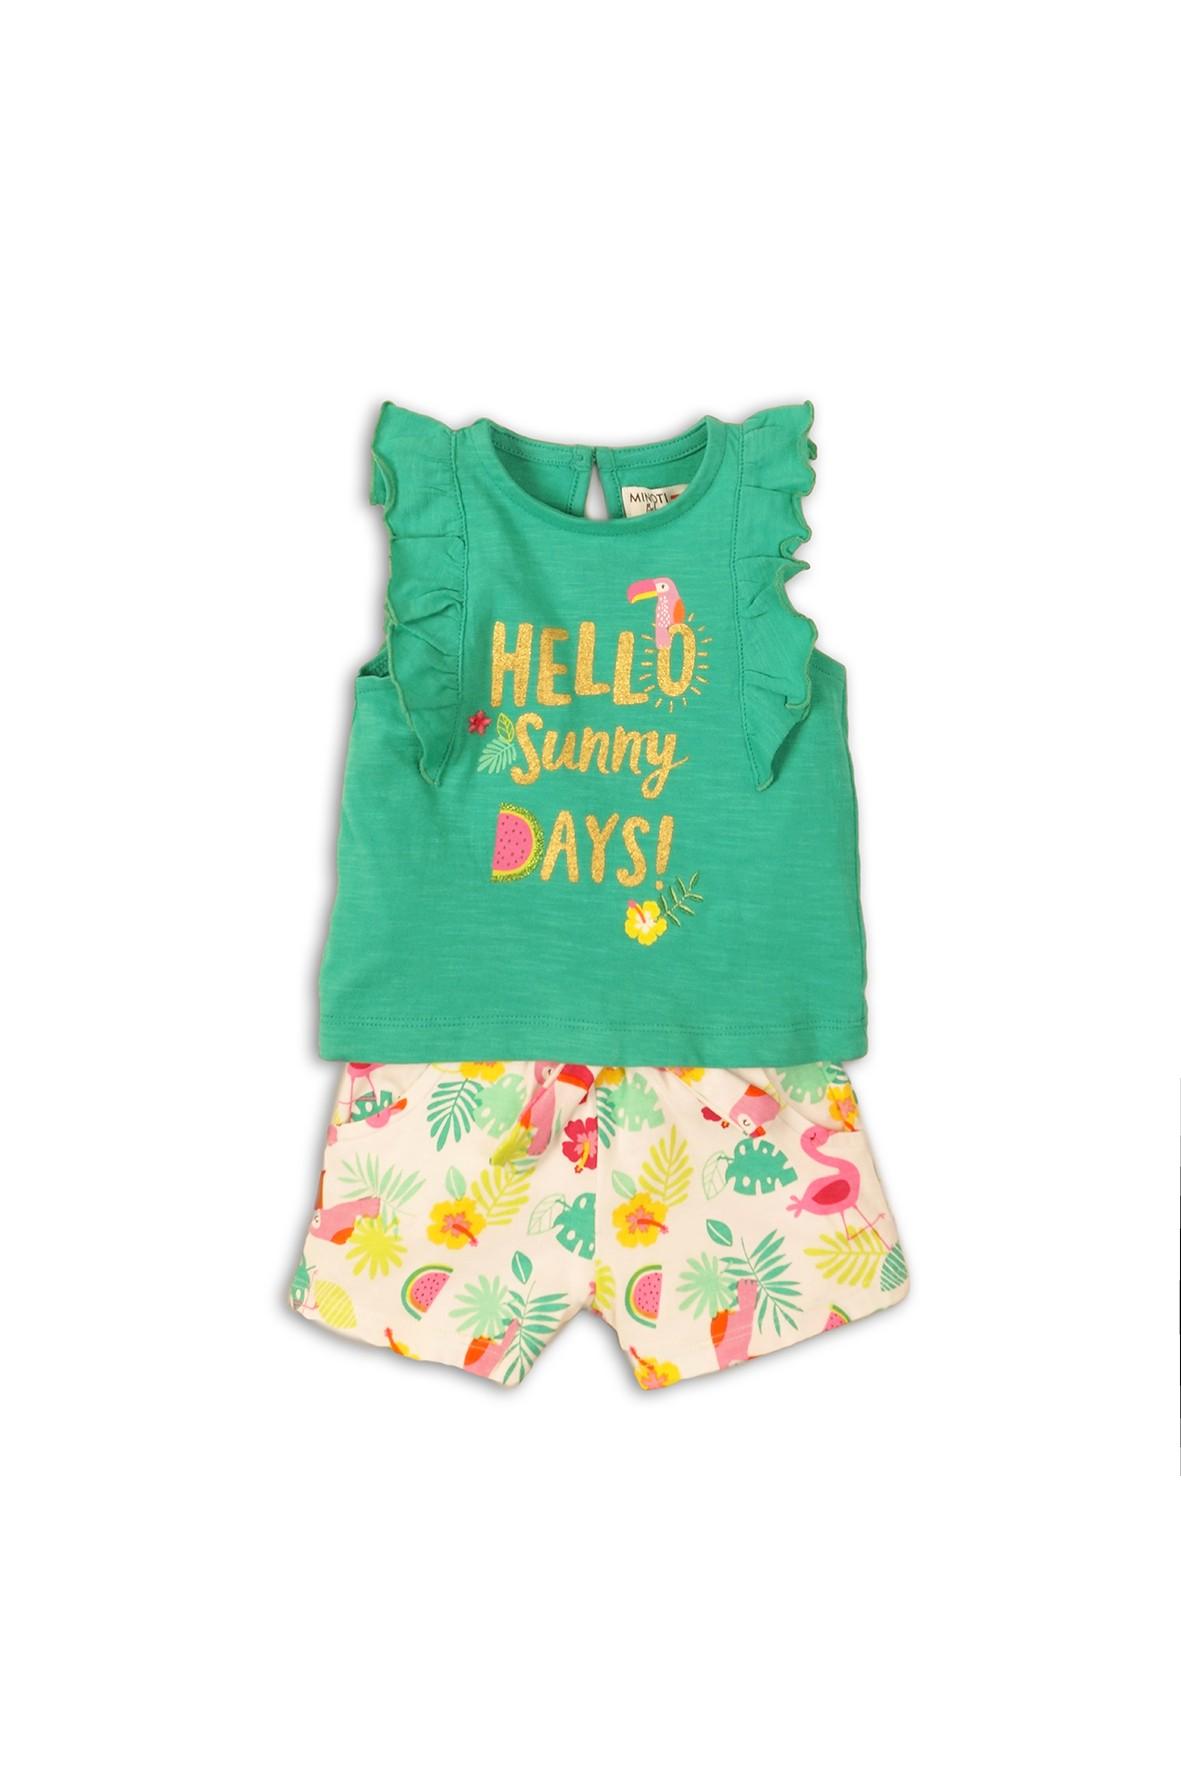 Kolorowy komplet ubrań niemowlęcych - bluzka i spodenki